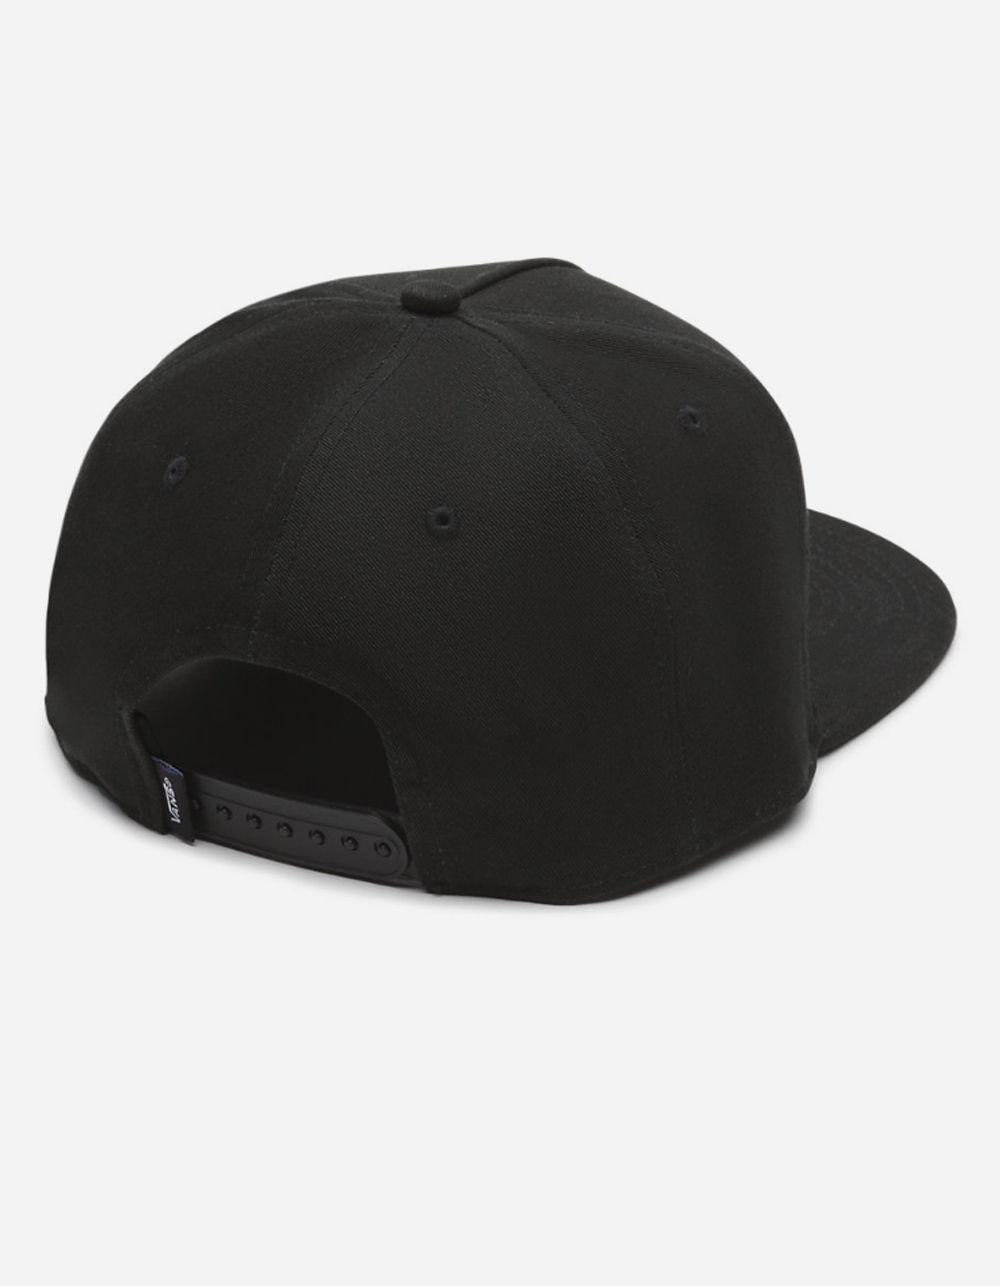 Lyst - Vans X Marvel Venom Mens Snapback Hat in Black for Men daf80c6e4a2